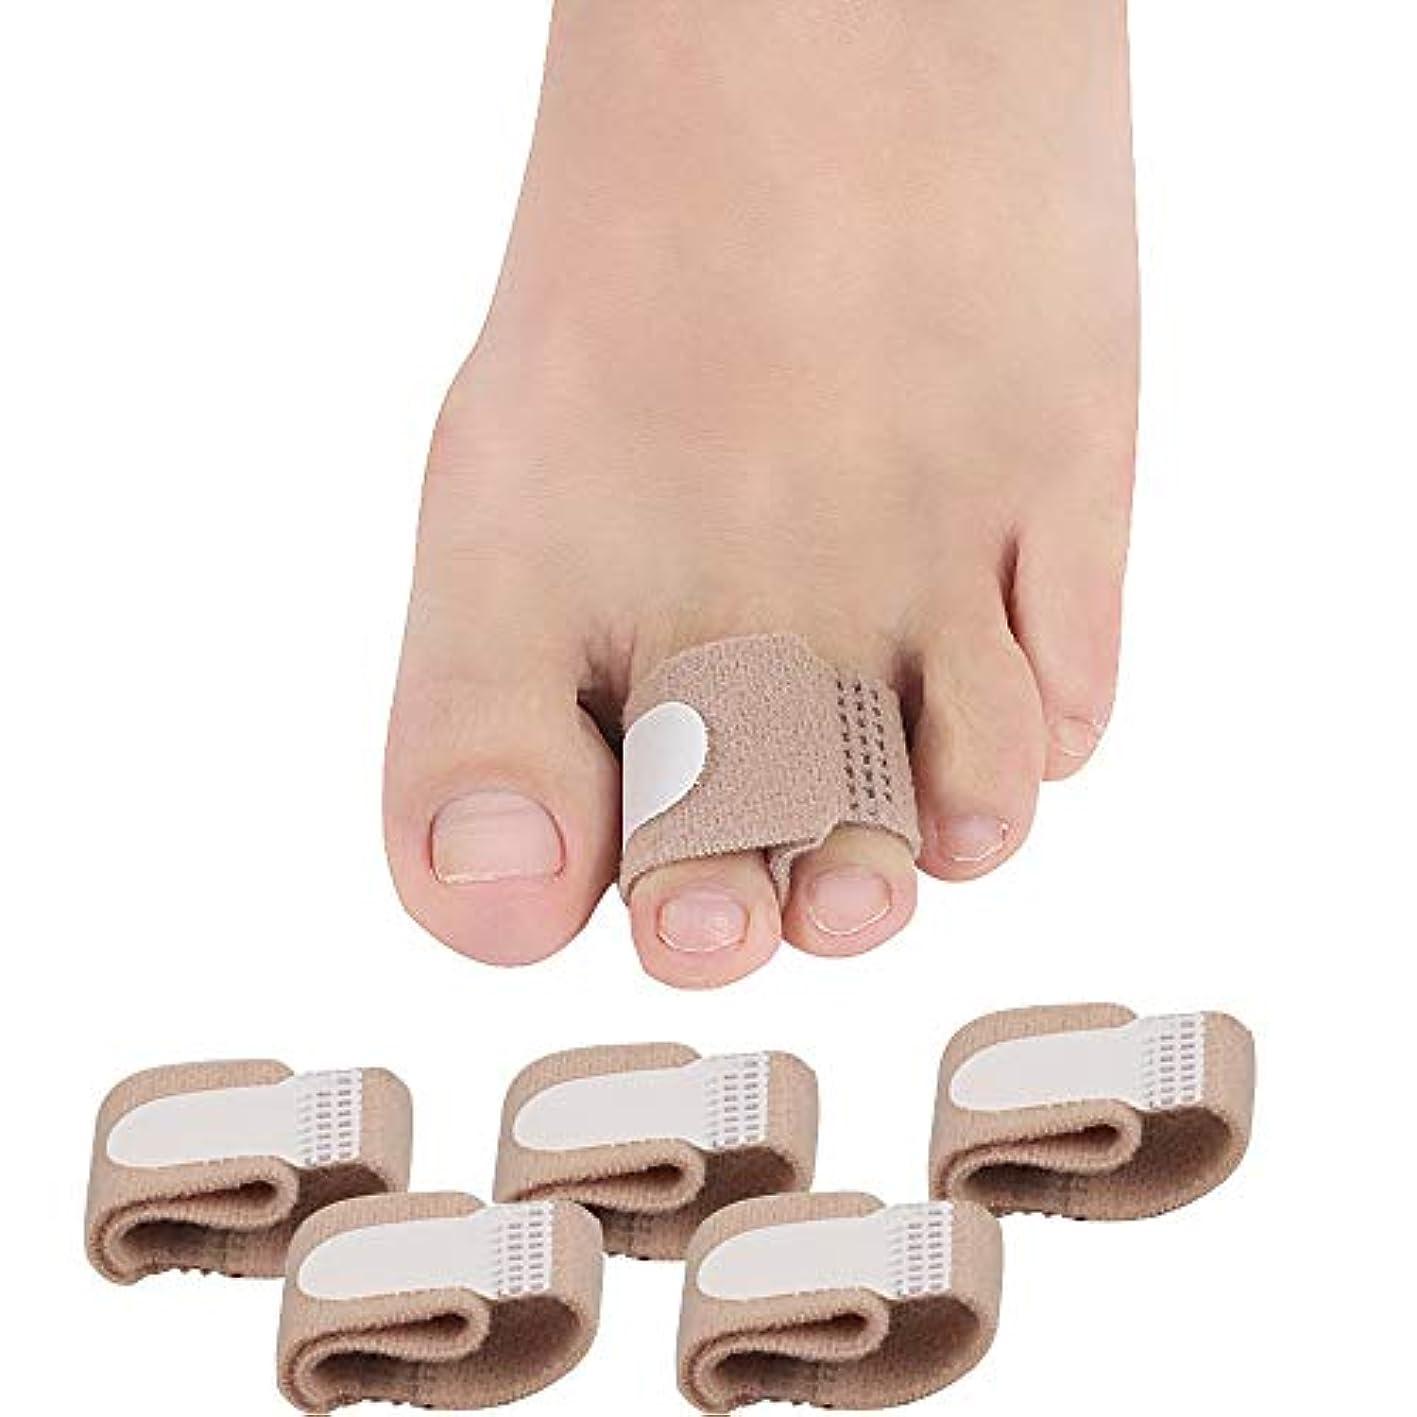 版間隔そのようなOnKJ足指矯正パッド 外反母趾 内反小趾 サポーター 足指矯正 指間保護 男女兼用(5点セット)